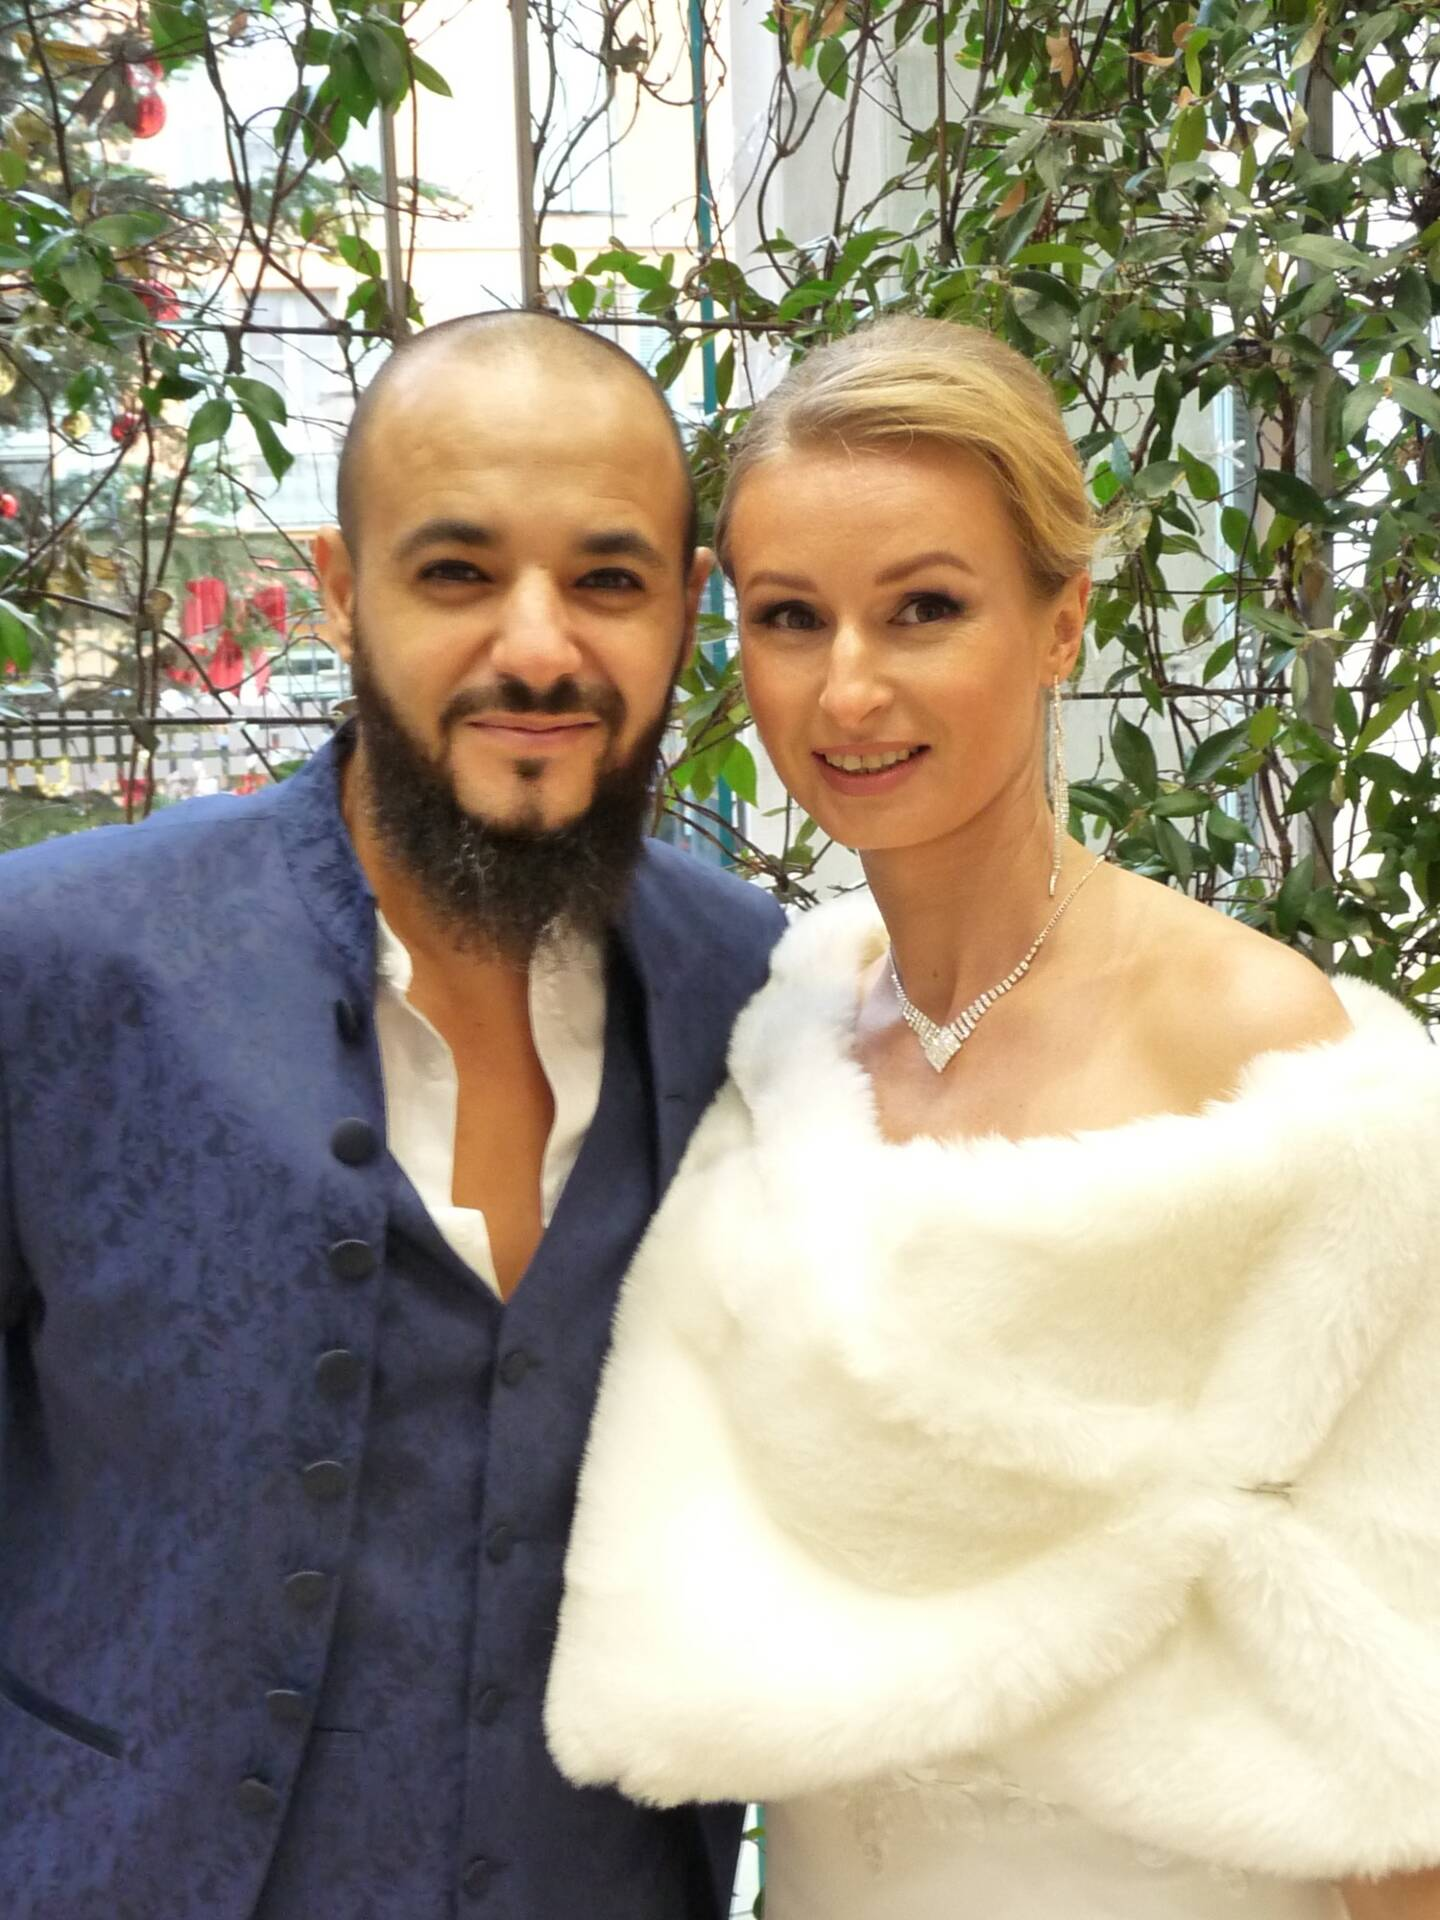 Mansour Beghdad, commercial, et Ekaterina Volynec, photographe.